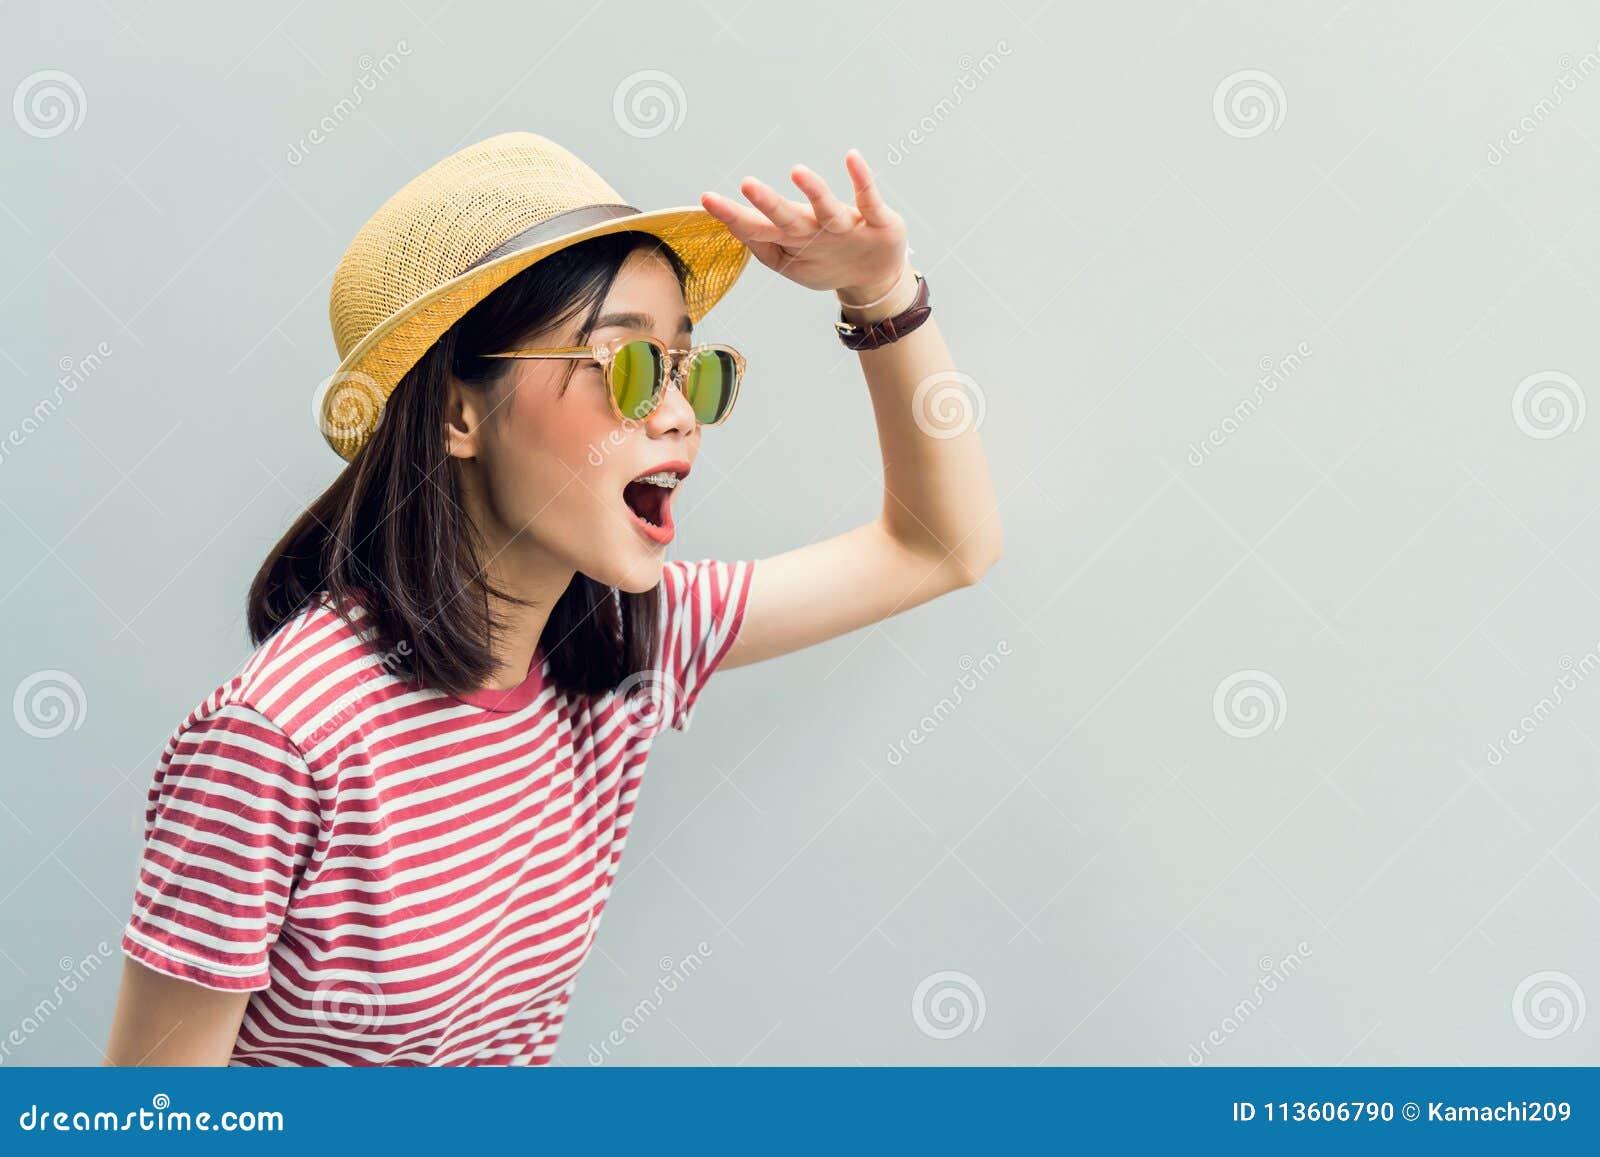 Το νέο κορίτσι ευτυχές ανυπομονεί να βρεί κάτι Γυαλιά ηλίου ένδυσης με μια αντανάκλαση της ελαφριάς ηλιοφάνειας